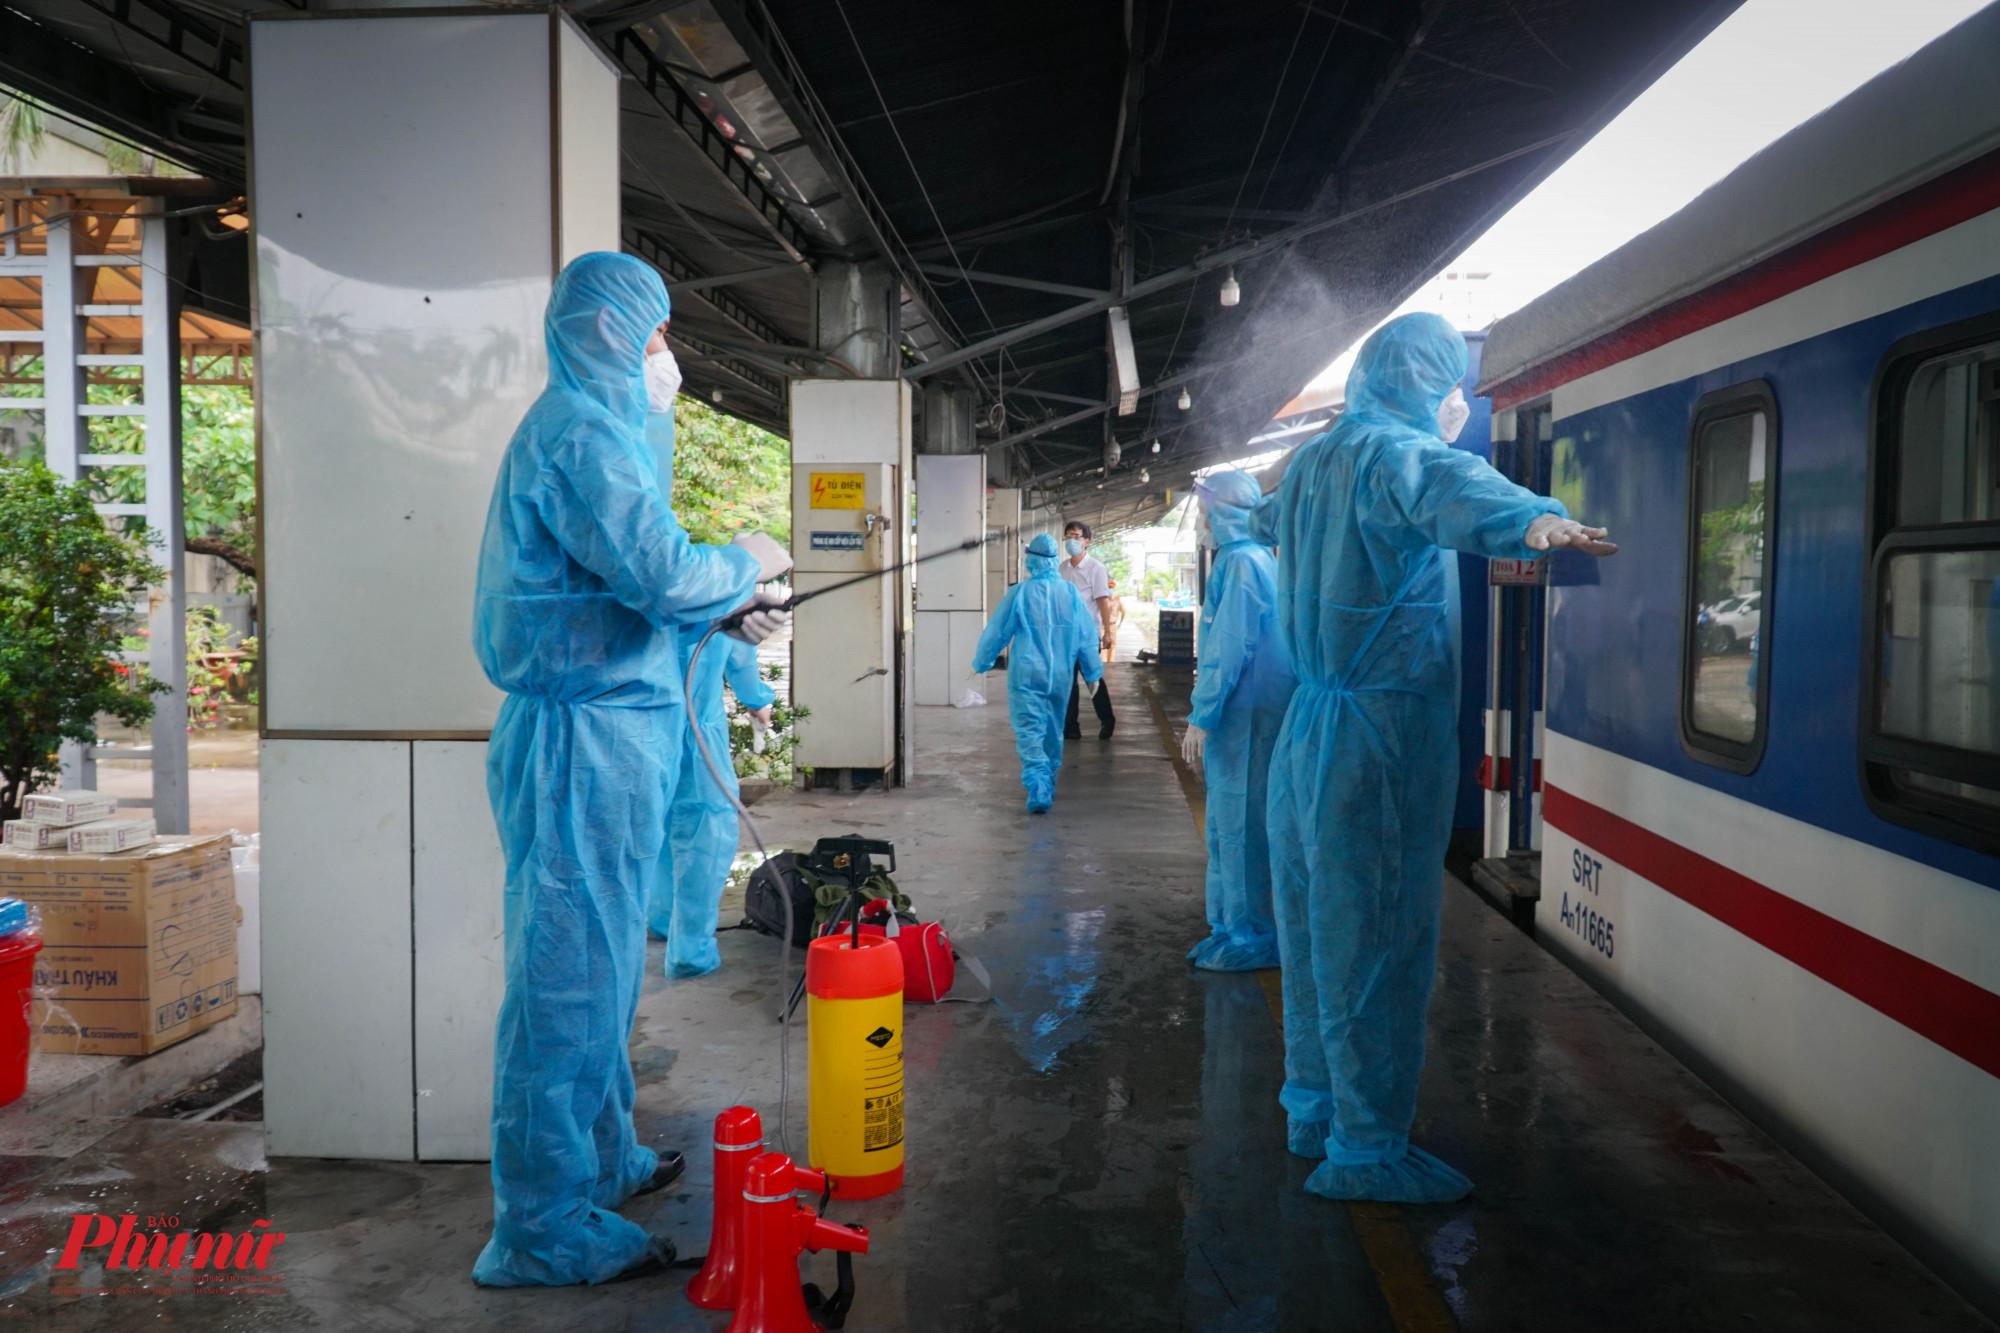 Các lực lượng phục vụ được phun khử khuẩn, trước khi tàu khửoi hành